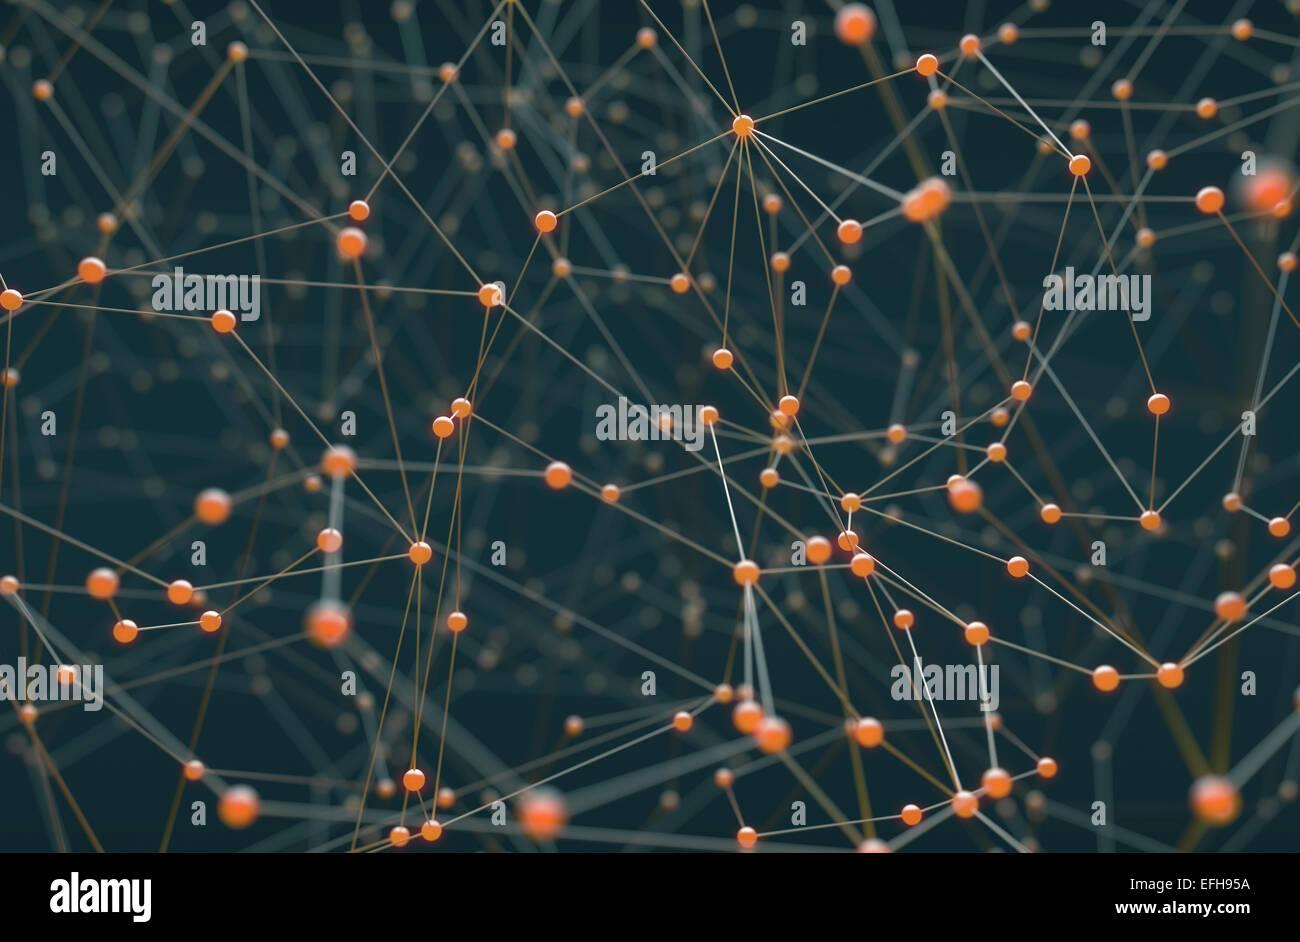 Zusammenfassung Hintergrund der Leitungen und Anschlüsse. Stockfoto